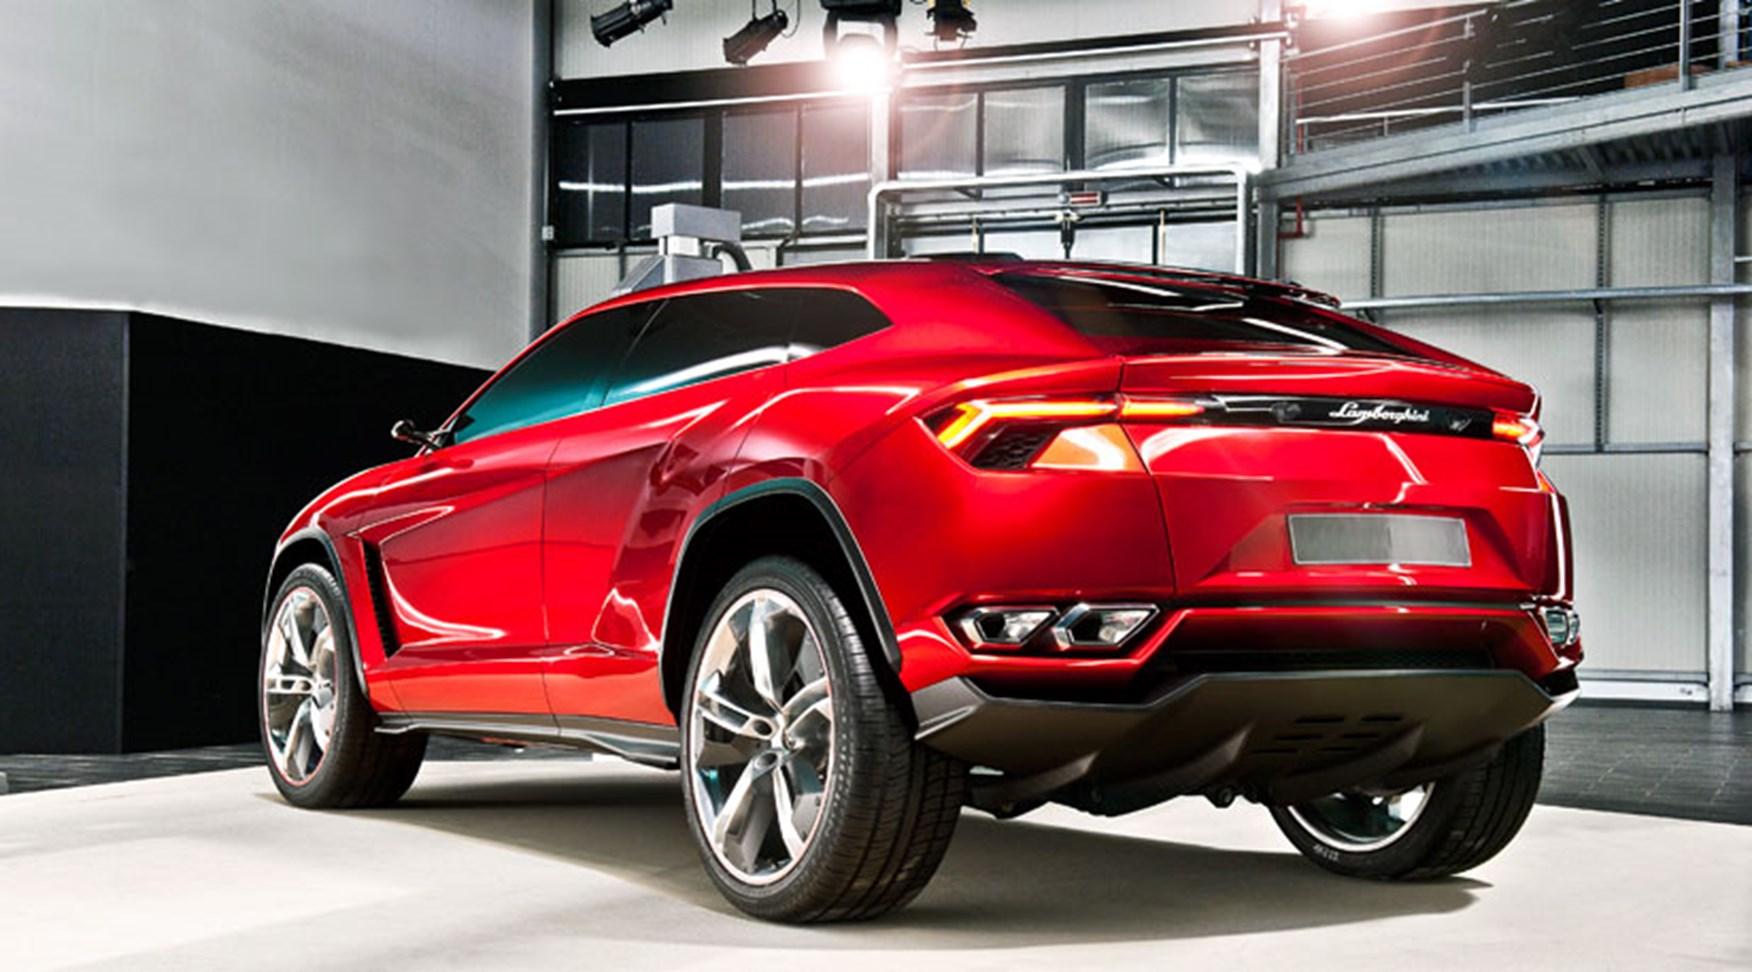 Lamborghini Urus Suv To Cost 163 135 000 Car Magazine